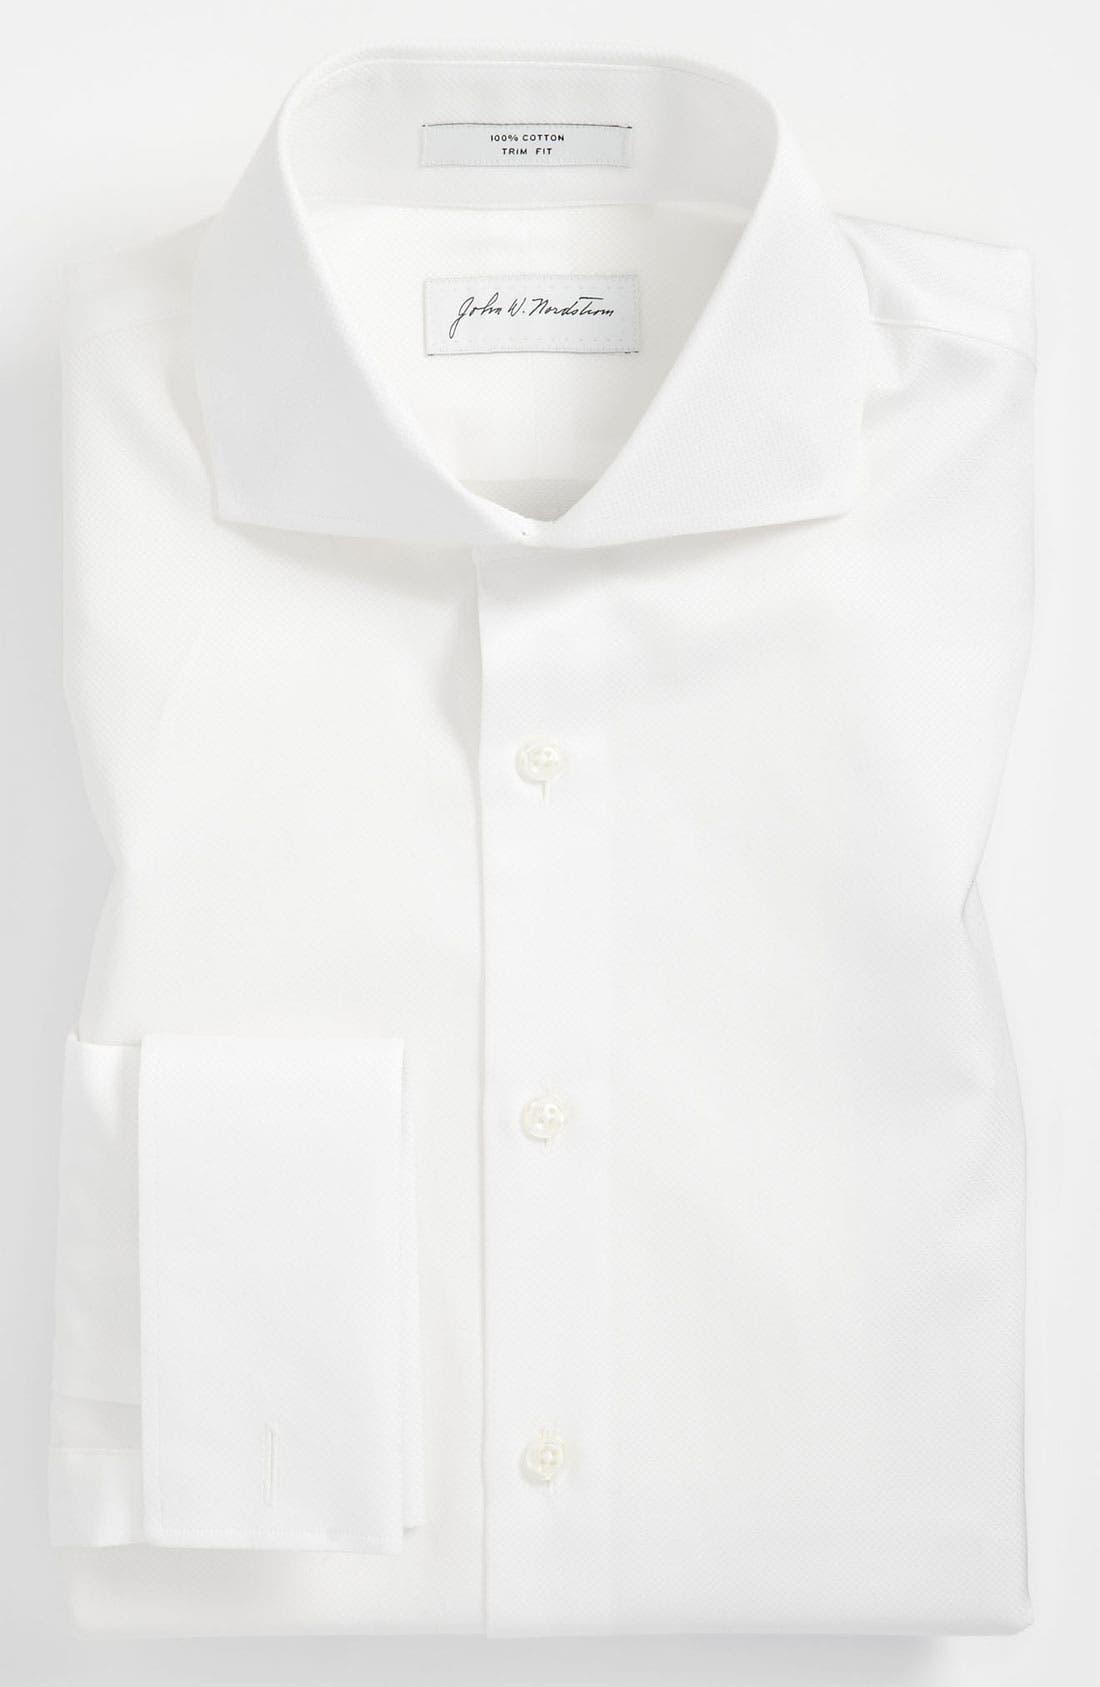 Alternate Image 1 Selected - John W. Nordstrom® Trim Fit Tuxedo Shirt